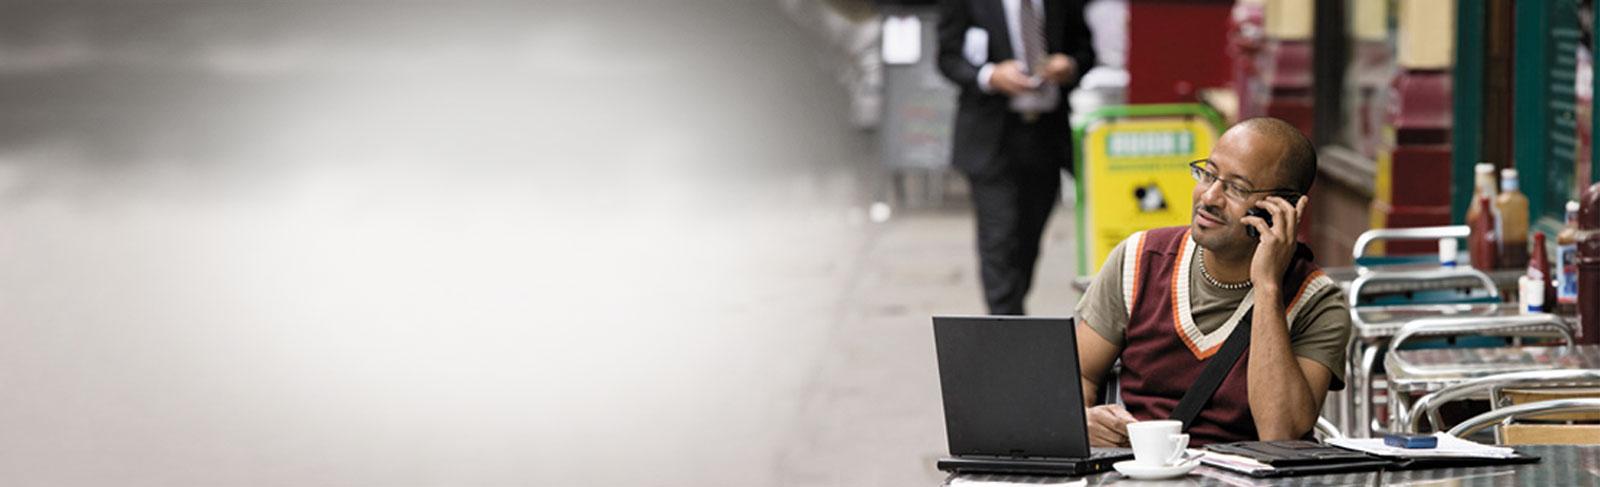 Kahvilassa puhelimen ja kannettavan tietokoneen kanssa oleva mies, joka käyttää työsähköpostia Exchange Server 2013:n kautta.